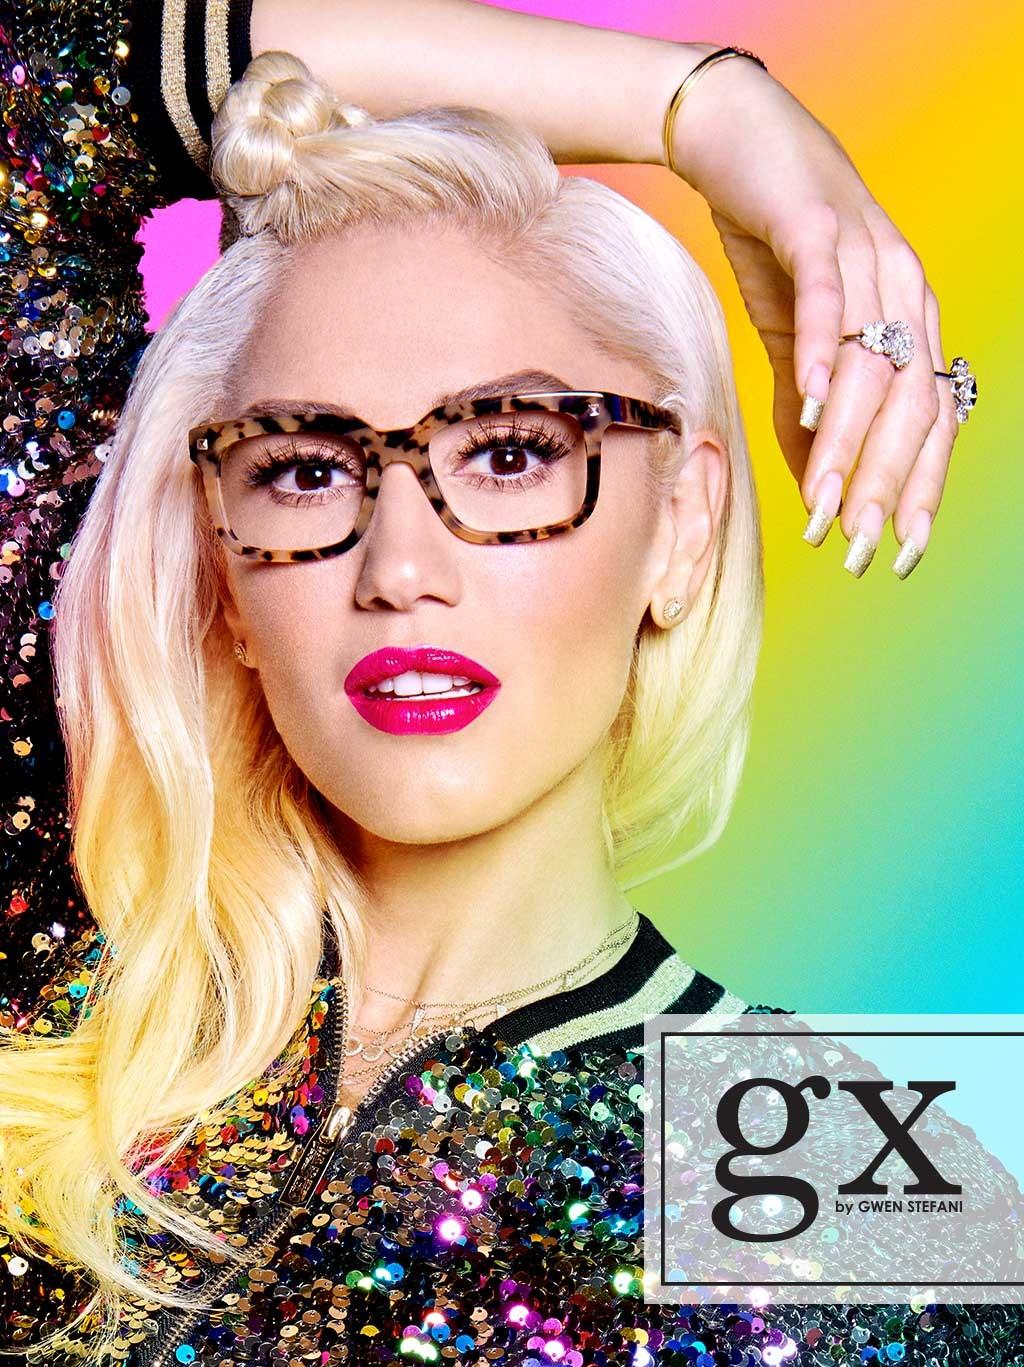 gx by Gwen Stefani | T... Gwen Stefani Eyeglasses